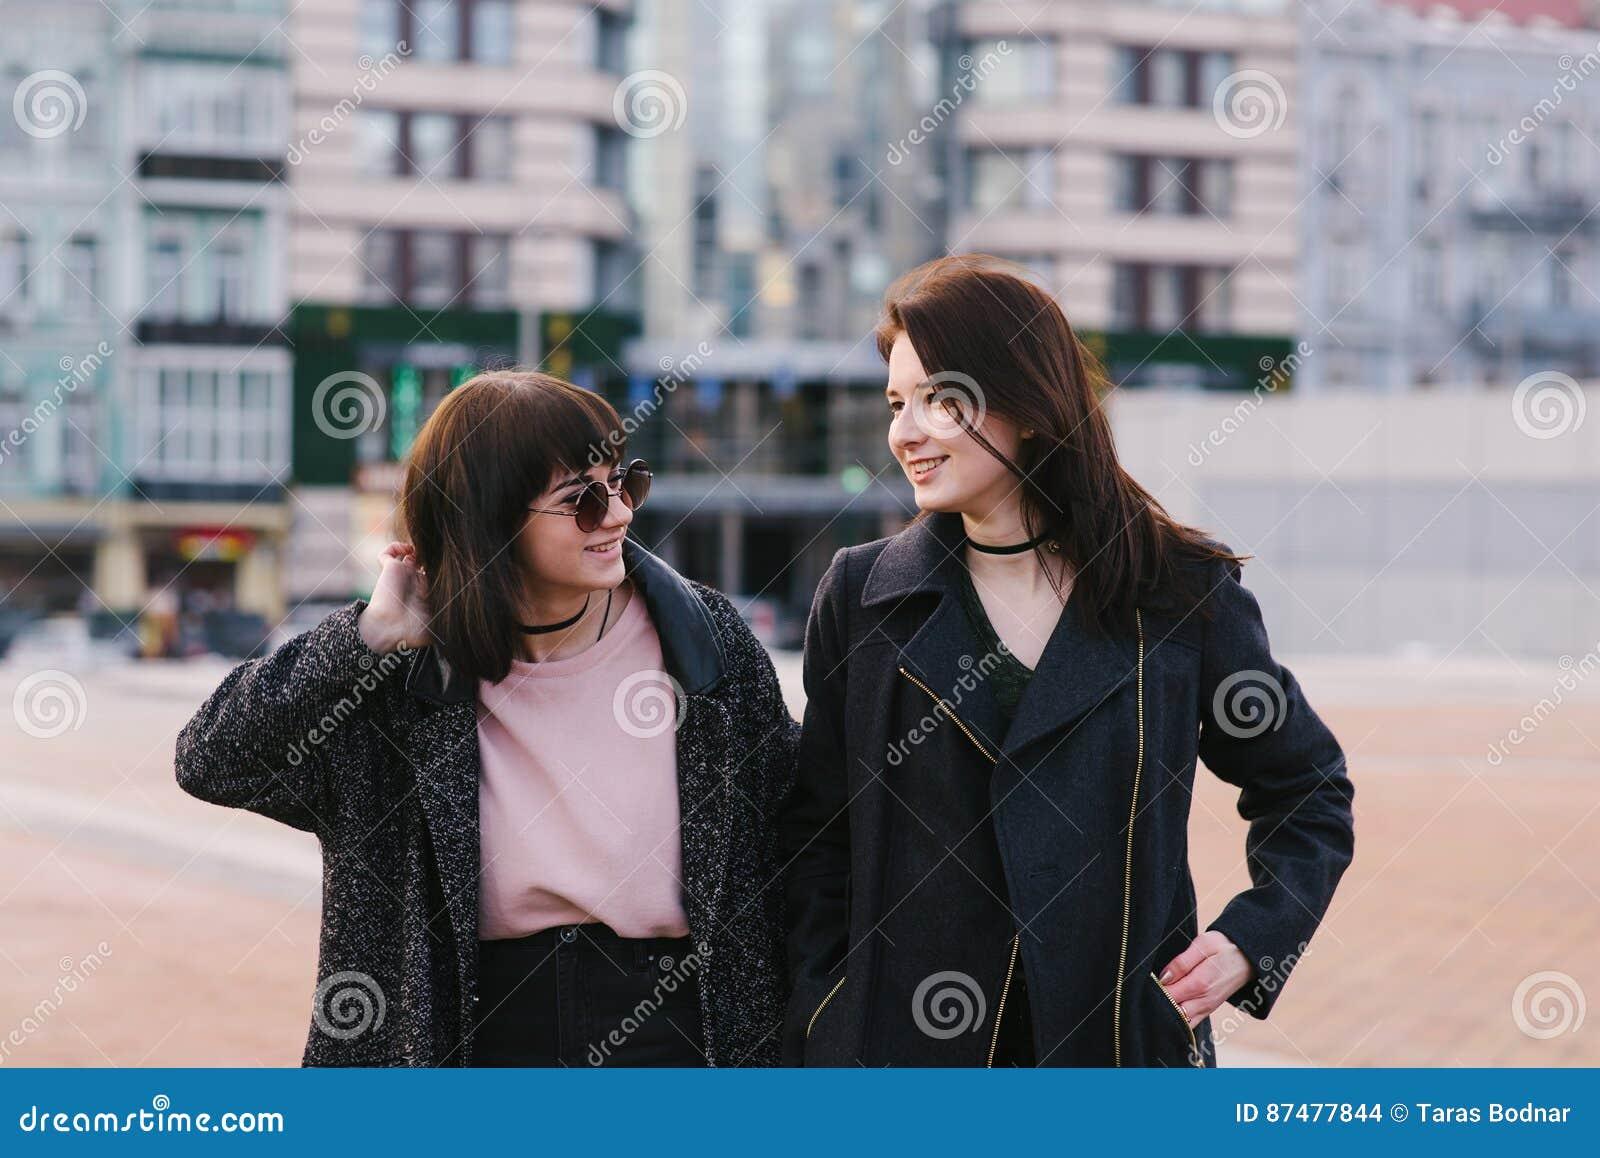 Портрет образа жизни улицы 2 красивого, усмехаться и очень стильных девушек которые день города hulyayutpo весной